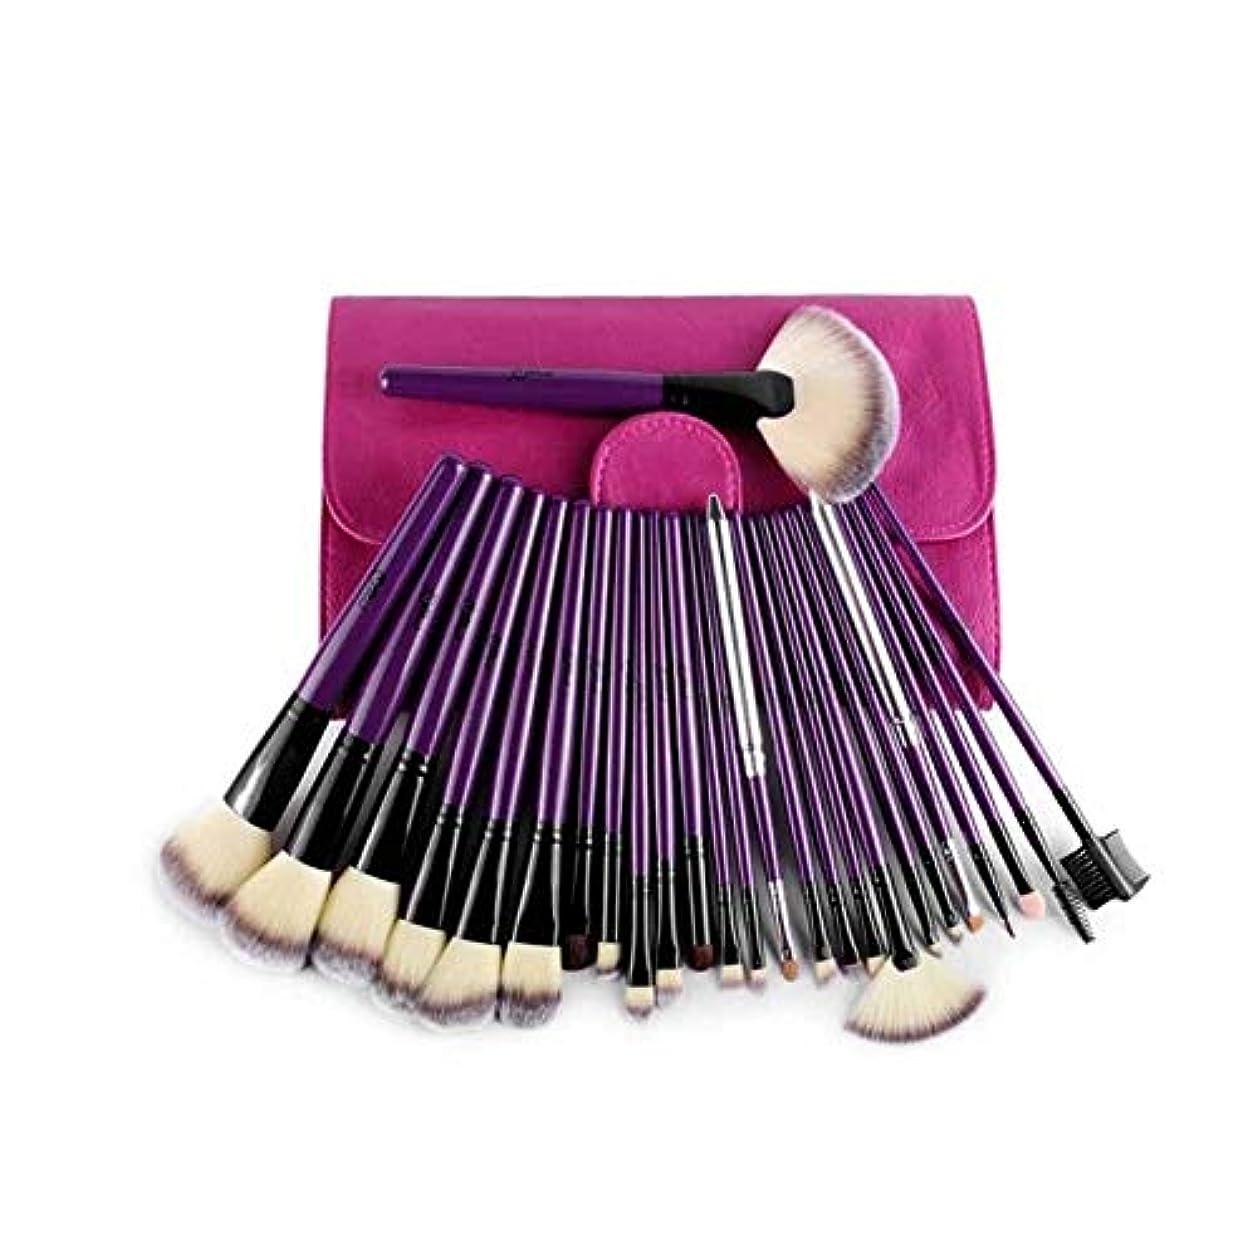 スカルク方法論審判XIAOCHAOSD メイクブラシ、24紫のプロフェッショナルメイクブラシセット、ブラシを設定メイクアップツールの専門フルセット、簡単に運ぶために (Color : Purple)